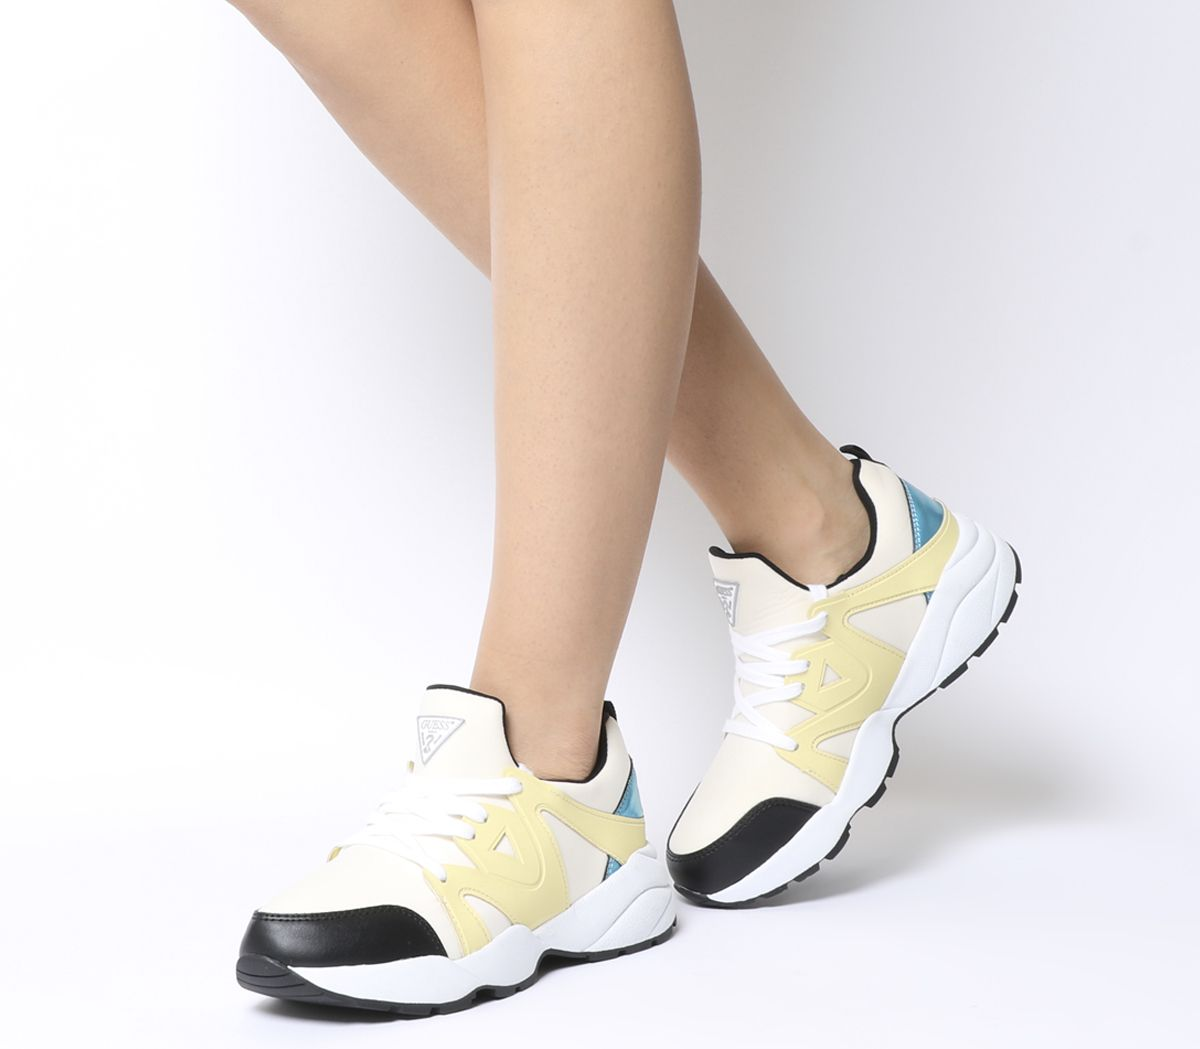 Detalles de Mujer Guess Semi Zapatillas Blanco Amarillo Azul Multicolor Planos